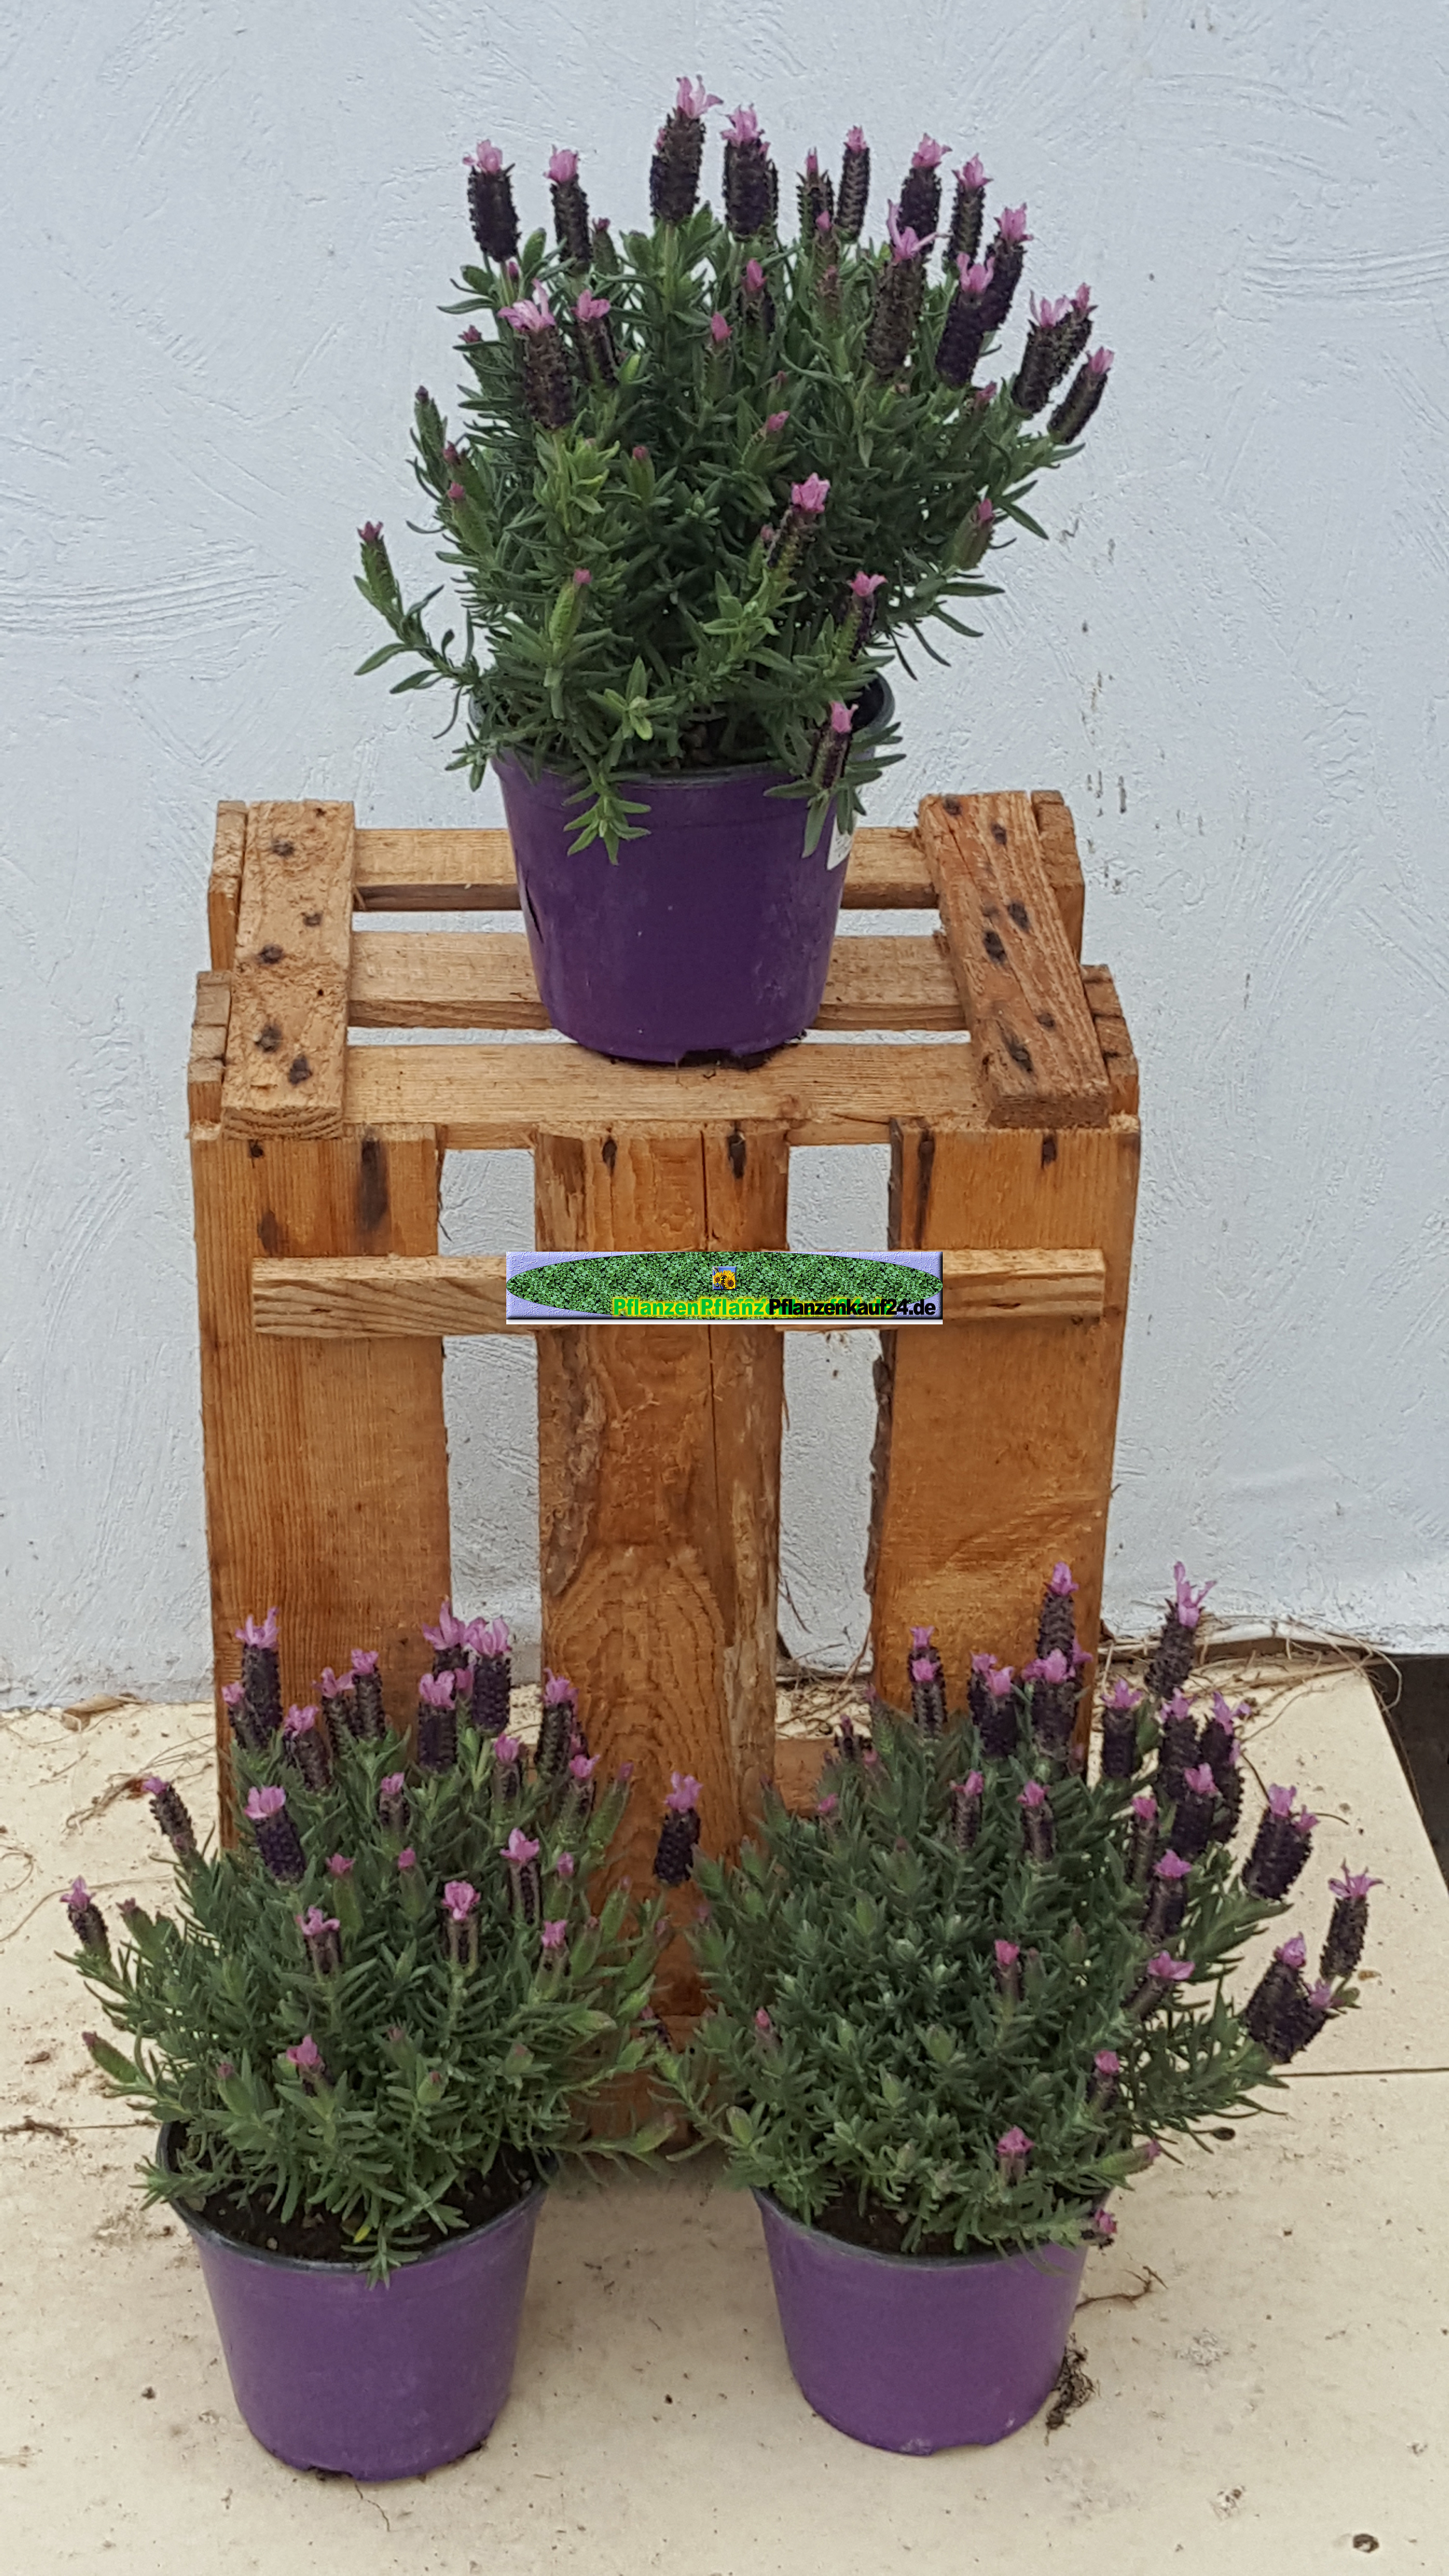 tomate olive gartenpflanzen lavendel rosen rasenroboter olivenkraut bierhopfen home. Black Bedroom Furniture Sets. Home Design Ideas